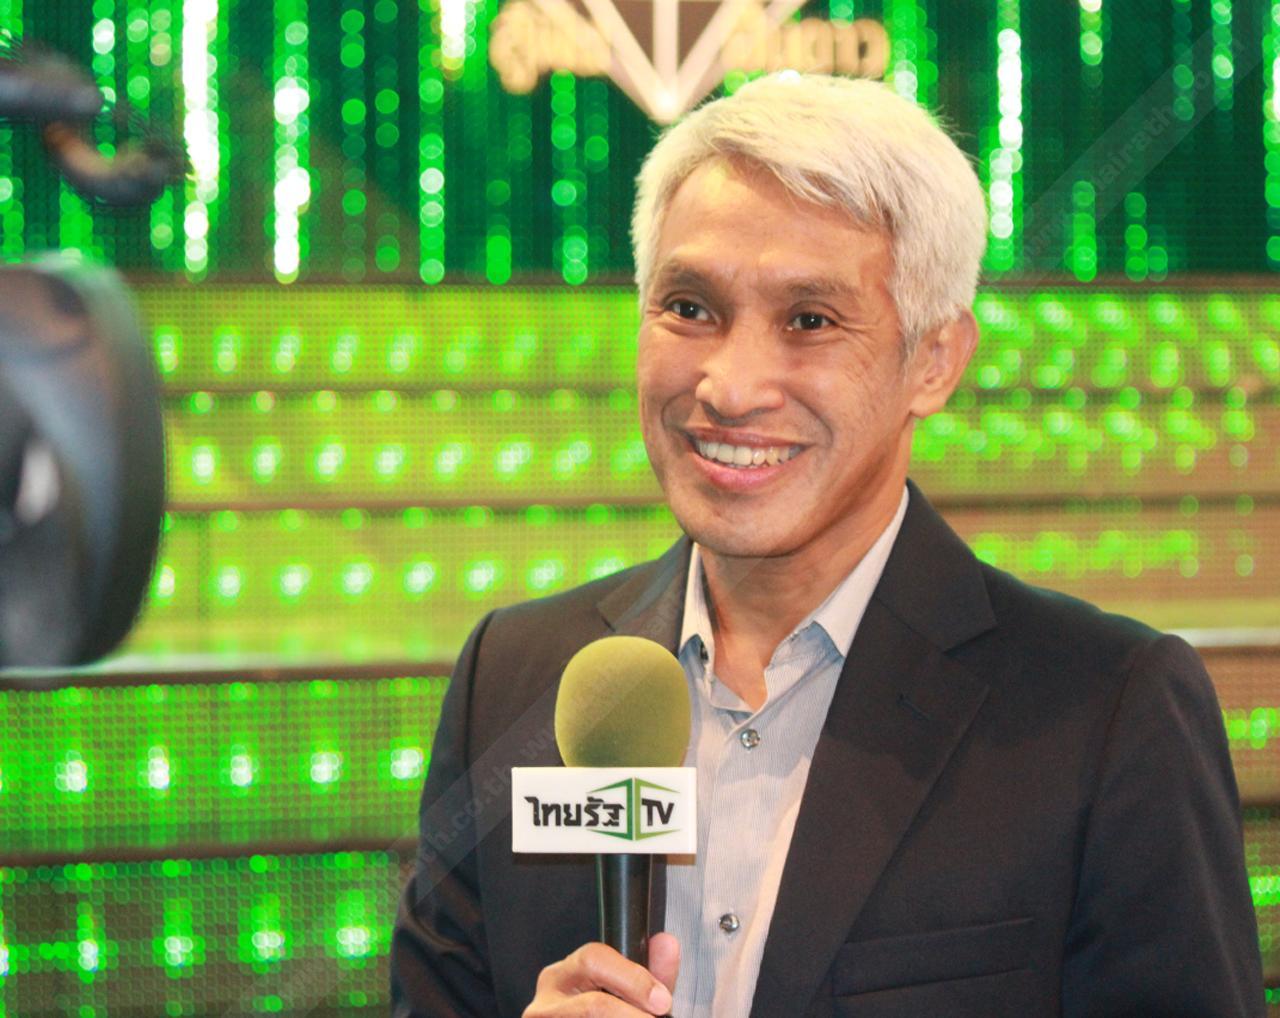 ประธานเจ้าหน้าที่บริหาร บริษัท เจ เอส แอล โกลบอล มีเดีย ให้สัมภาษณ์ ไทยรัฐทีวี